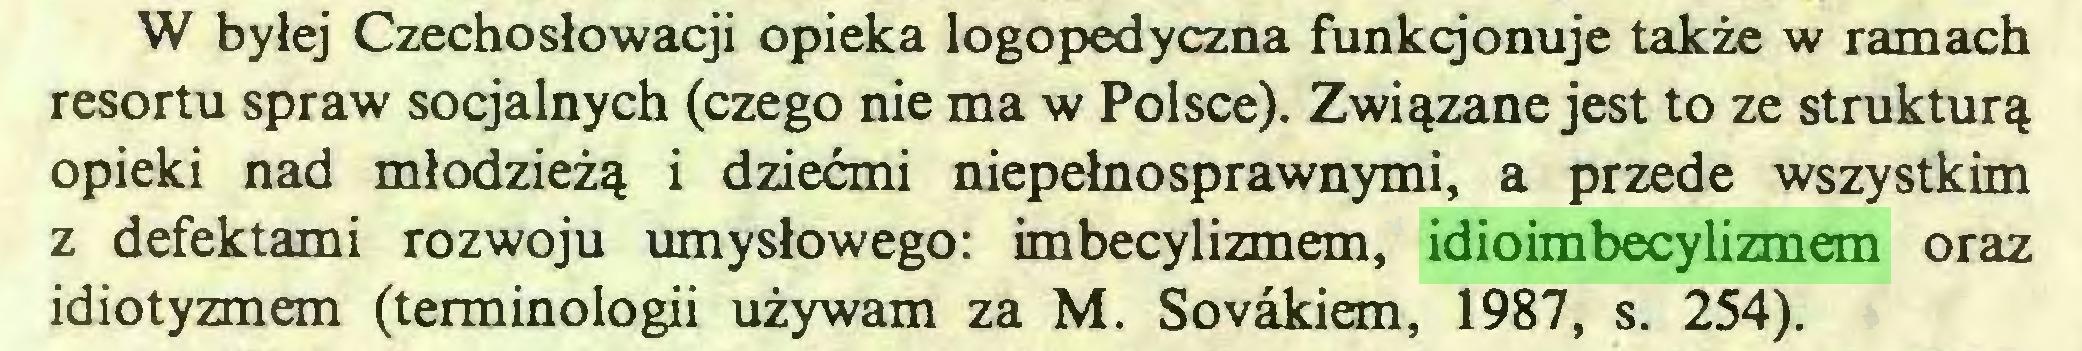 (...) W byłej Czechosłowacji opieka logopedyczna funkcjonuje także w ramach resortu spraw socjalnych (czego nie ma w Polsce). Związane jest to ze strukturą opieki nad młodzieżą i dziećmi niepełnosprawnymi, a przede wszystkim z defektami rozwoju umysłowego: imbecylizmem, idioimbecylizmem oraz idiotyzmem (terminologii używam za M. Sovakiem, 1987, s. 254)...